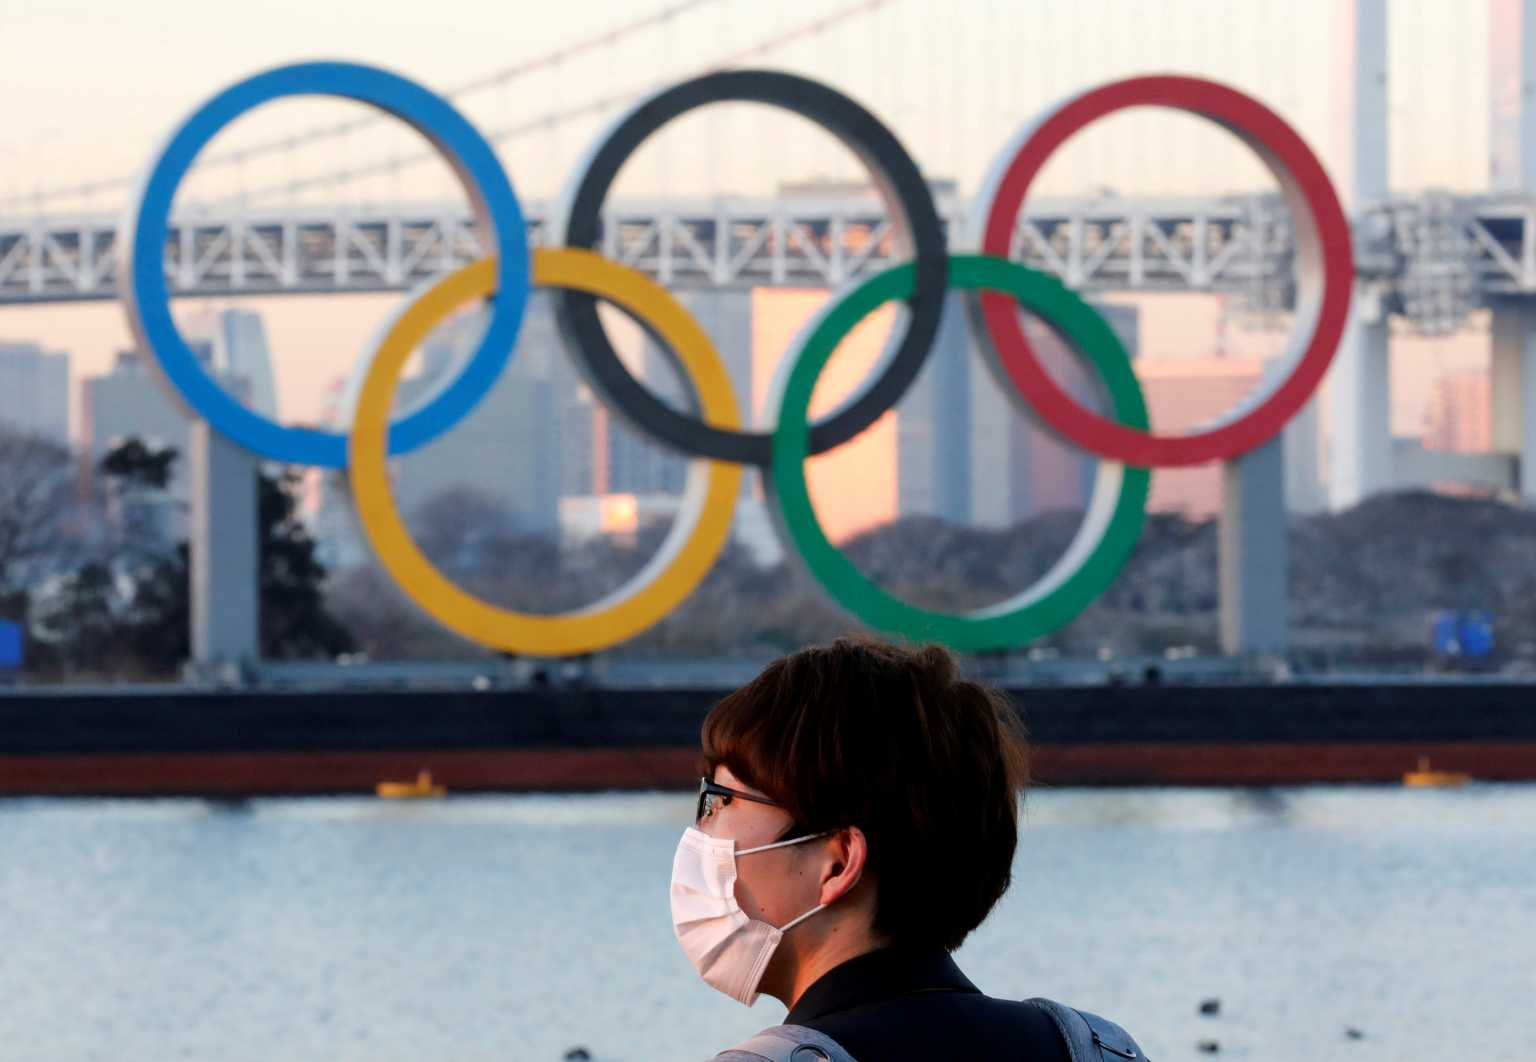 Ολυμπιακοί Αγώνες: Κρούσμα κορονοϊού σε συνοδό ελληνικής ομάδας